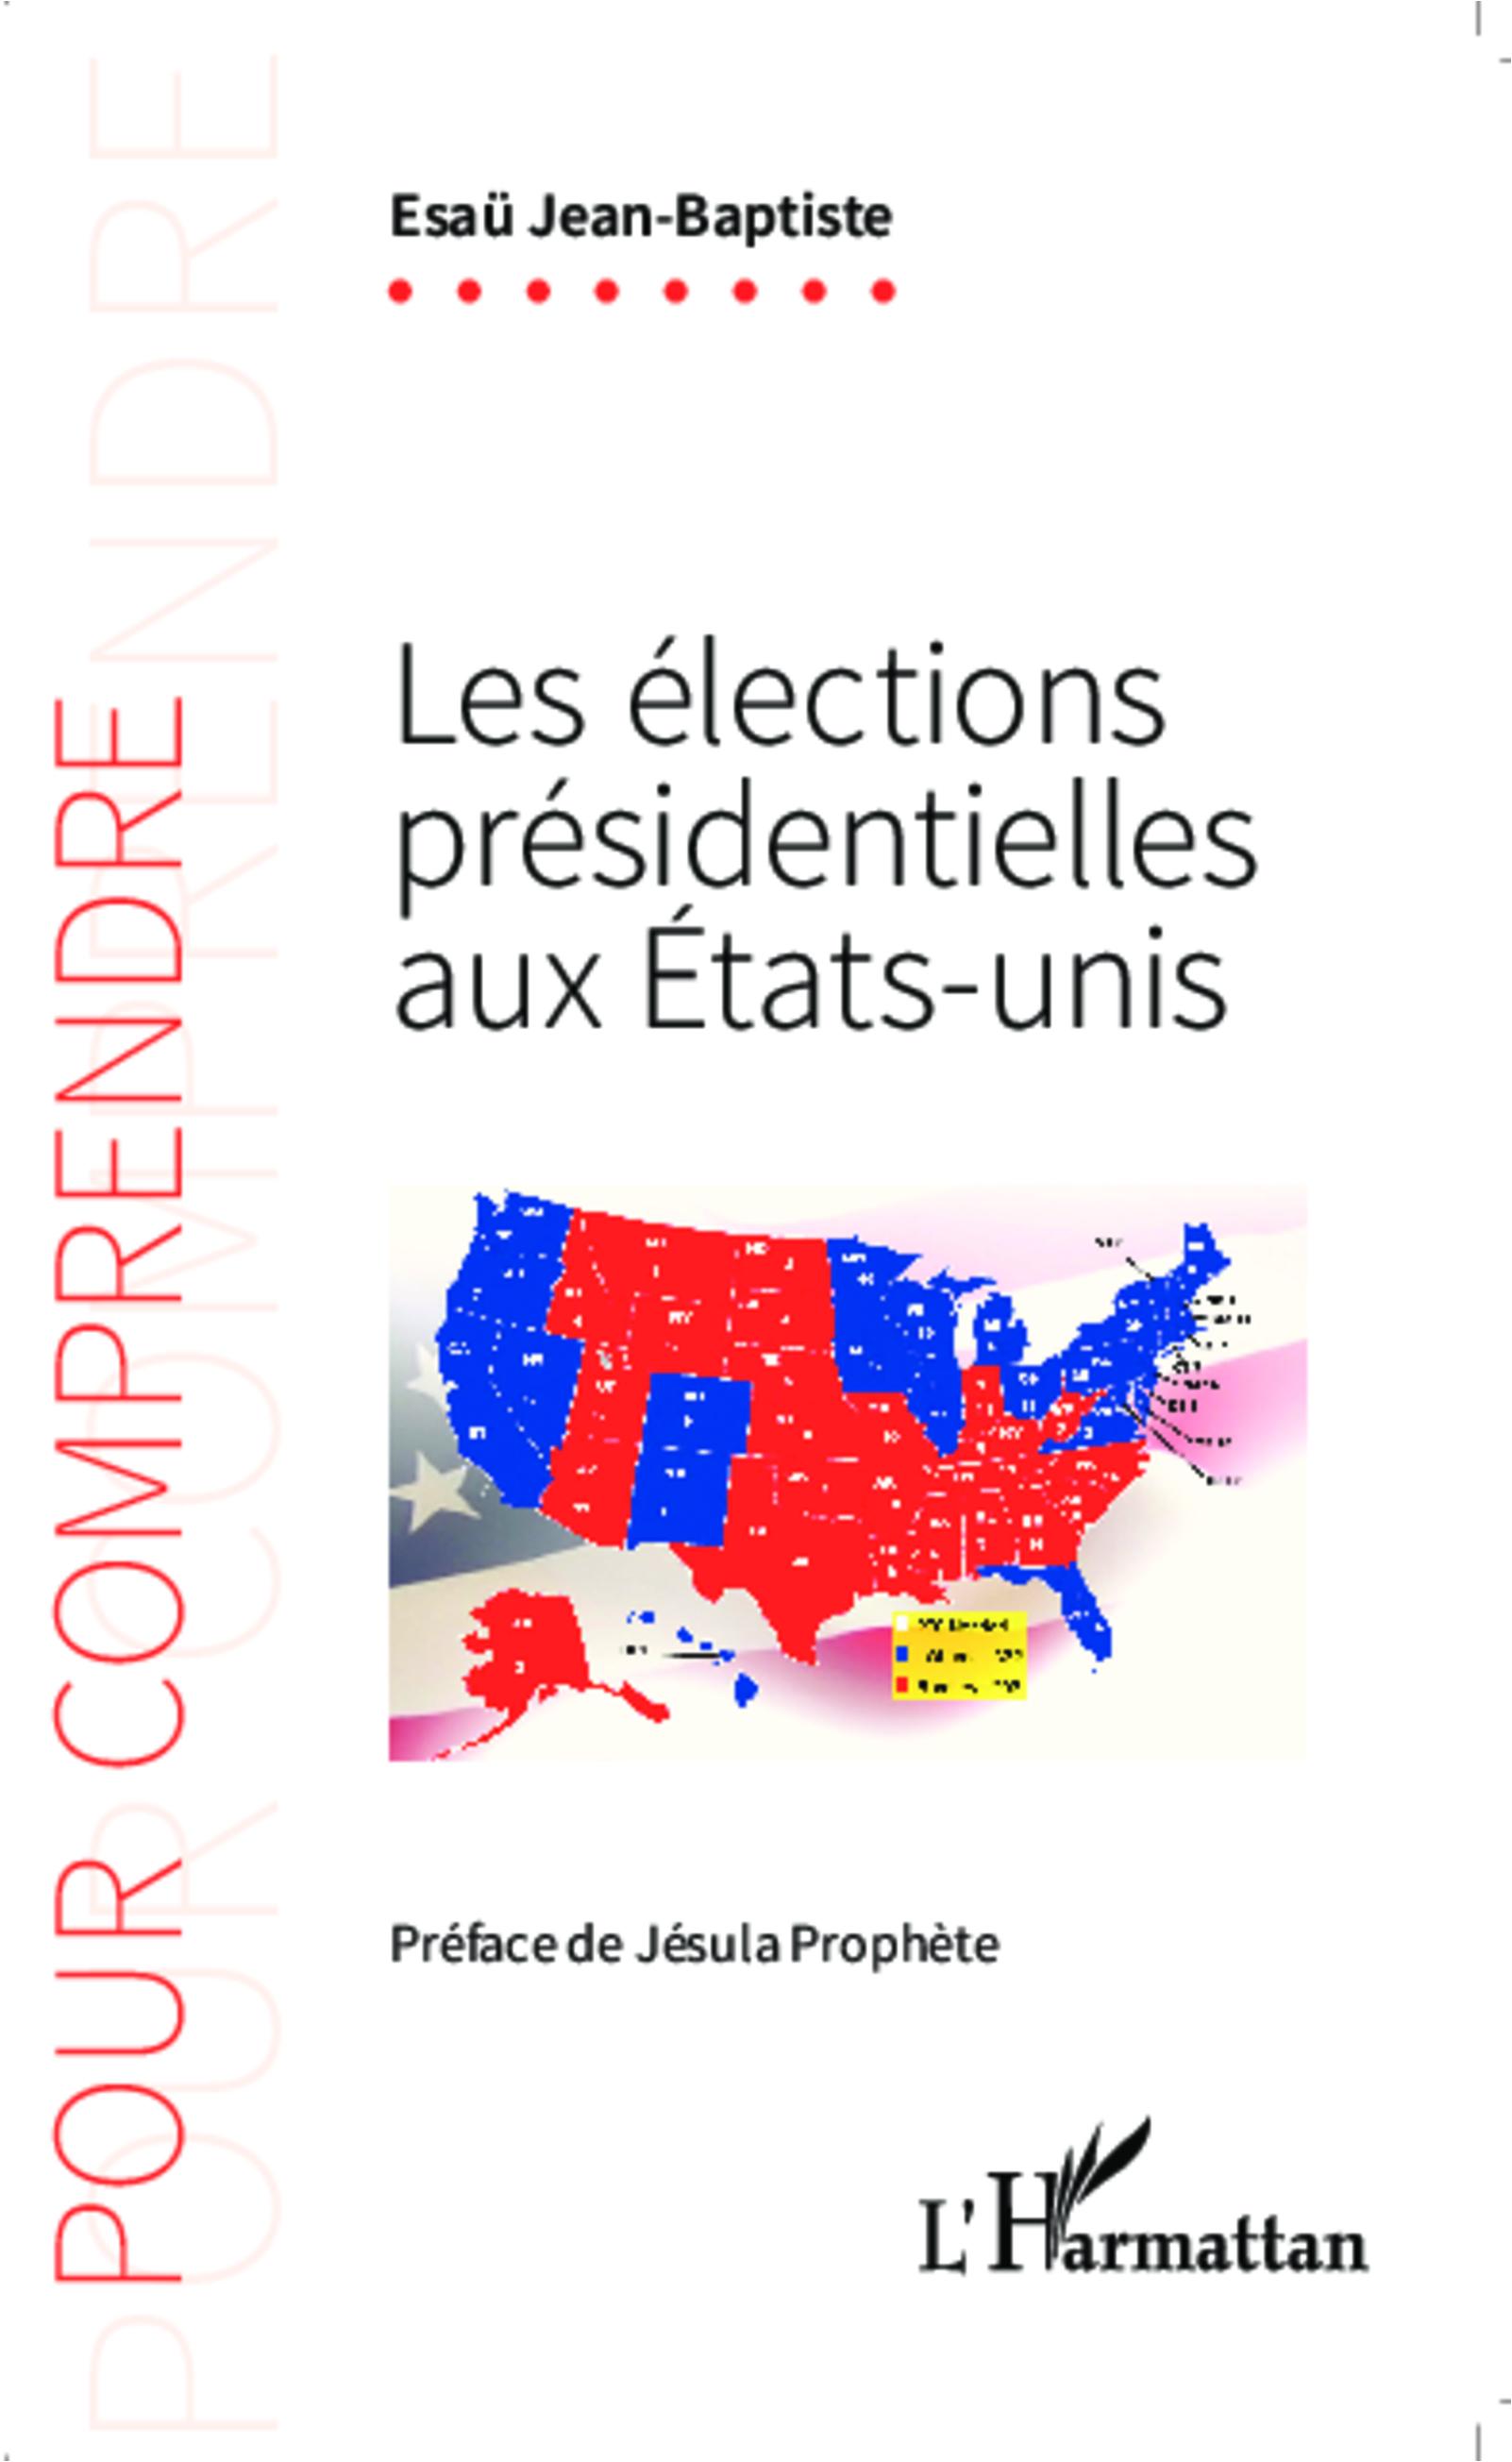 Les lections pr sidentielles aux etats unis esa jean baptiste livre ebook epub - Election presidentielle etats unis ...